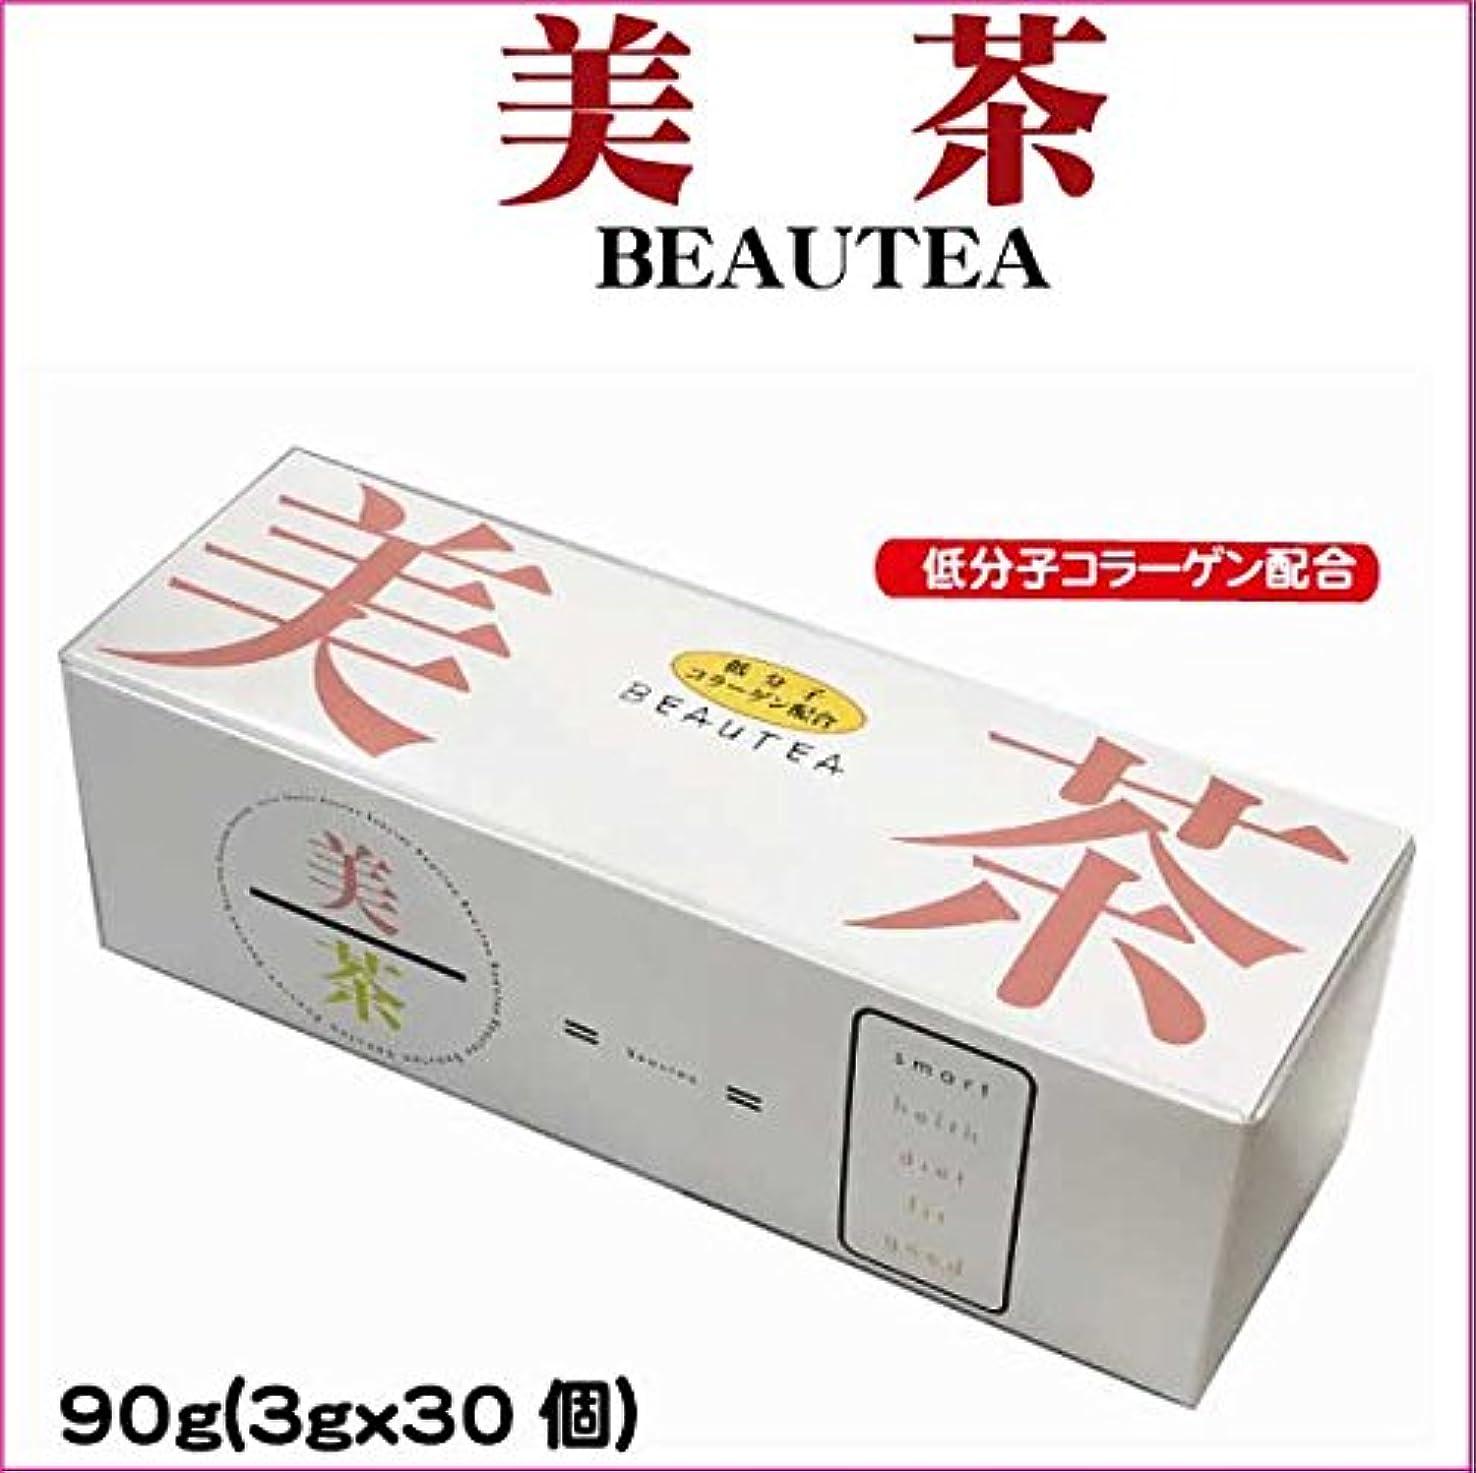 邪悪な小間米ドルダイエット茶  美茶(beautea)  ほうじ茶ベース?3gX30包み 1箱